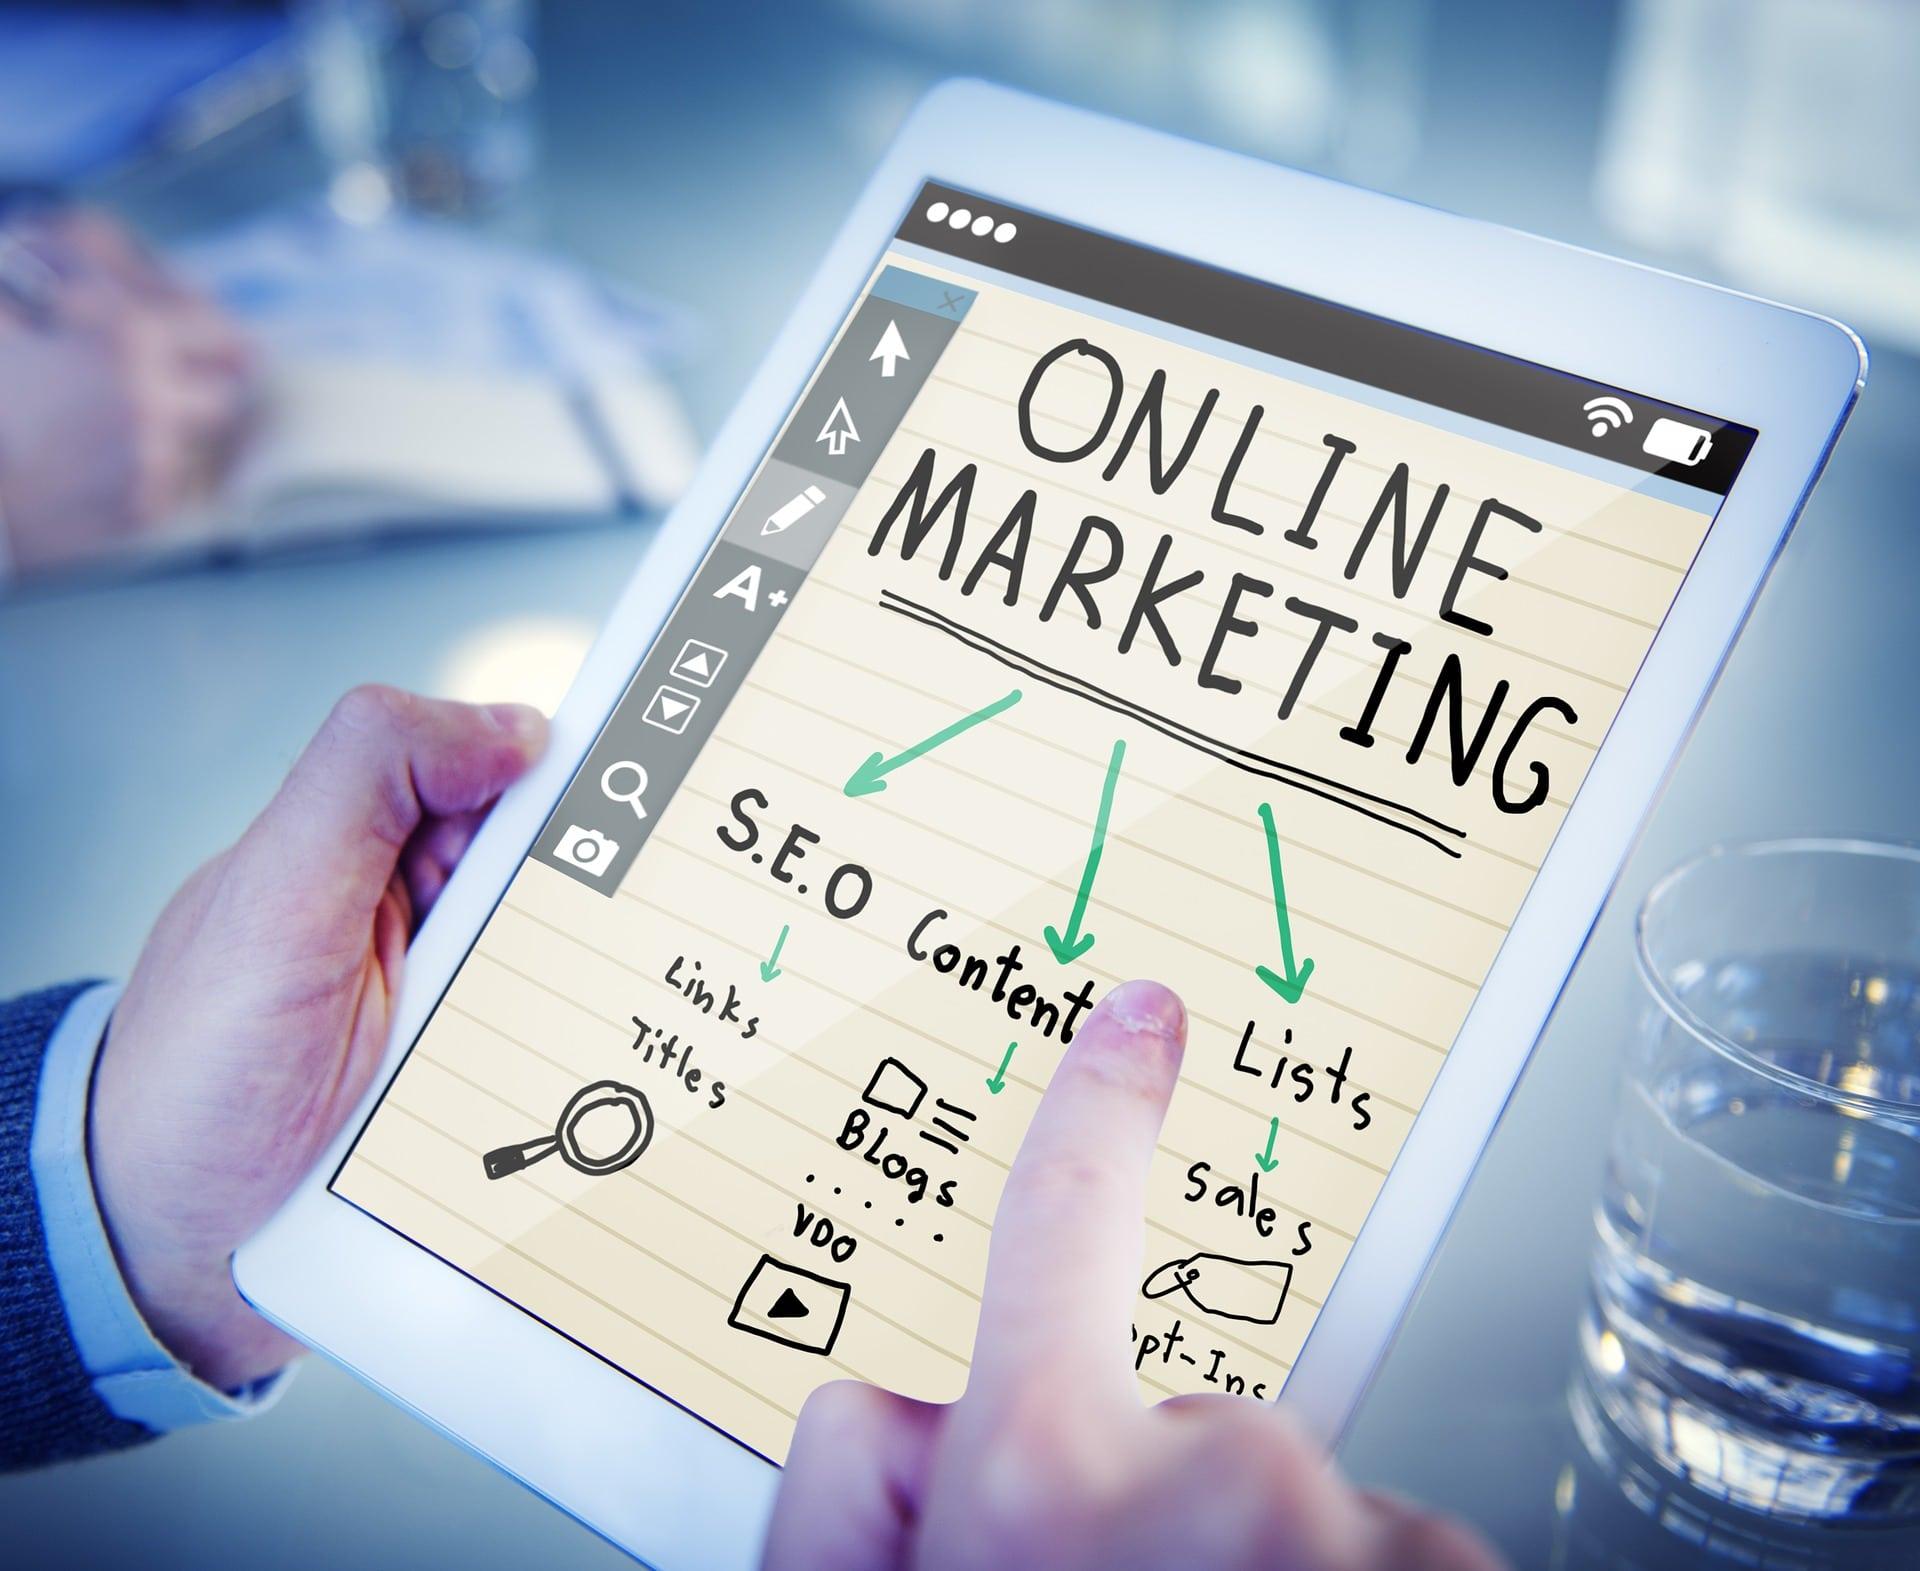 az online marketing részeit mutatja egy tablet, a seo, a szövegírás és az értékesítés hármasában